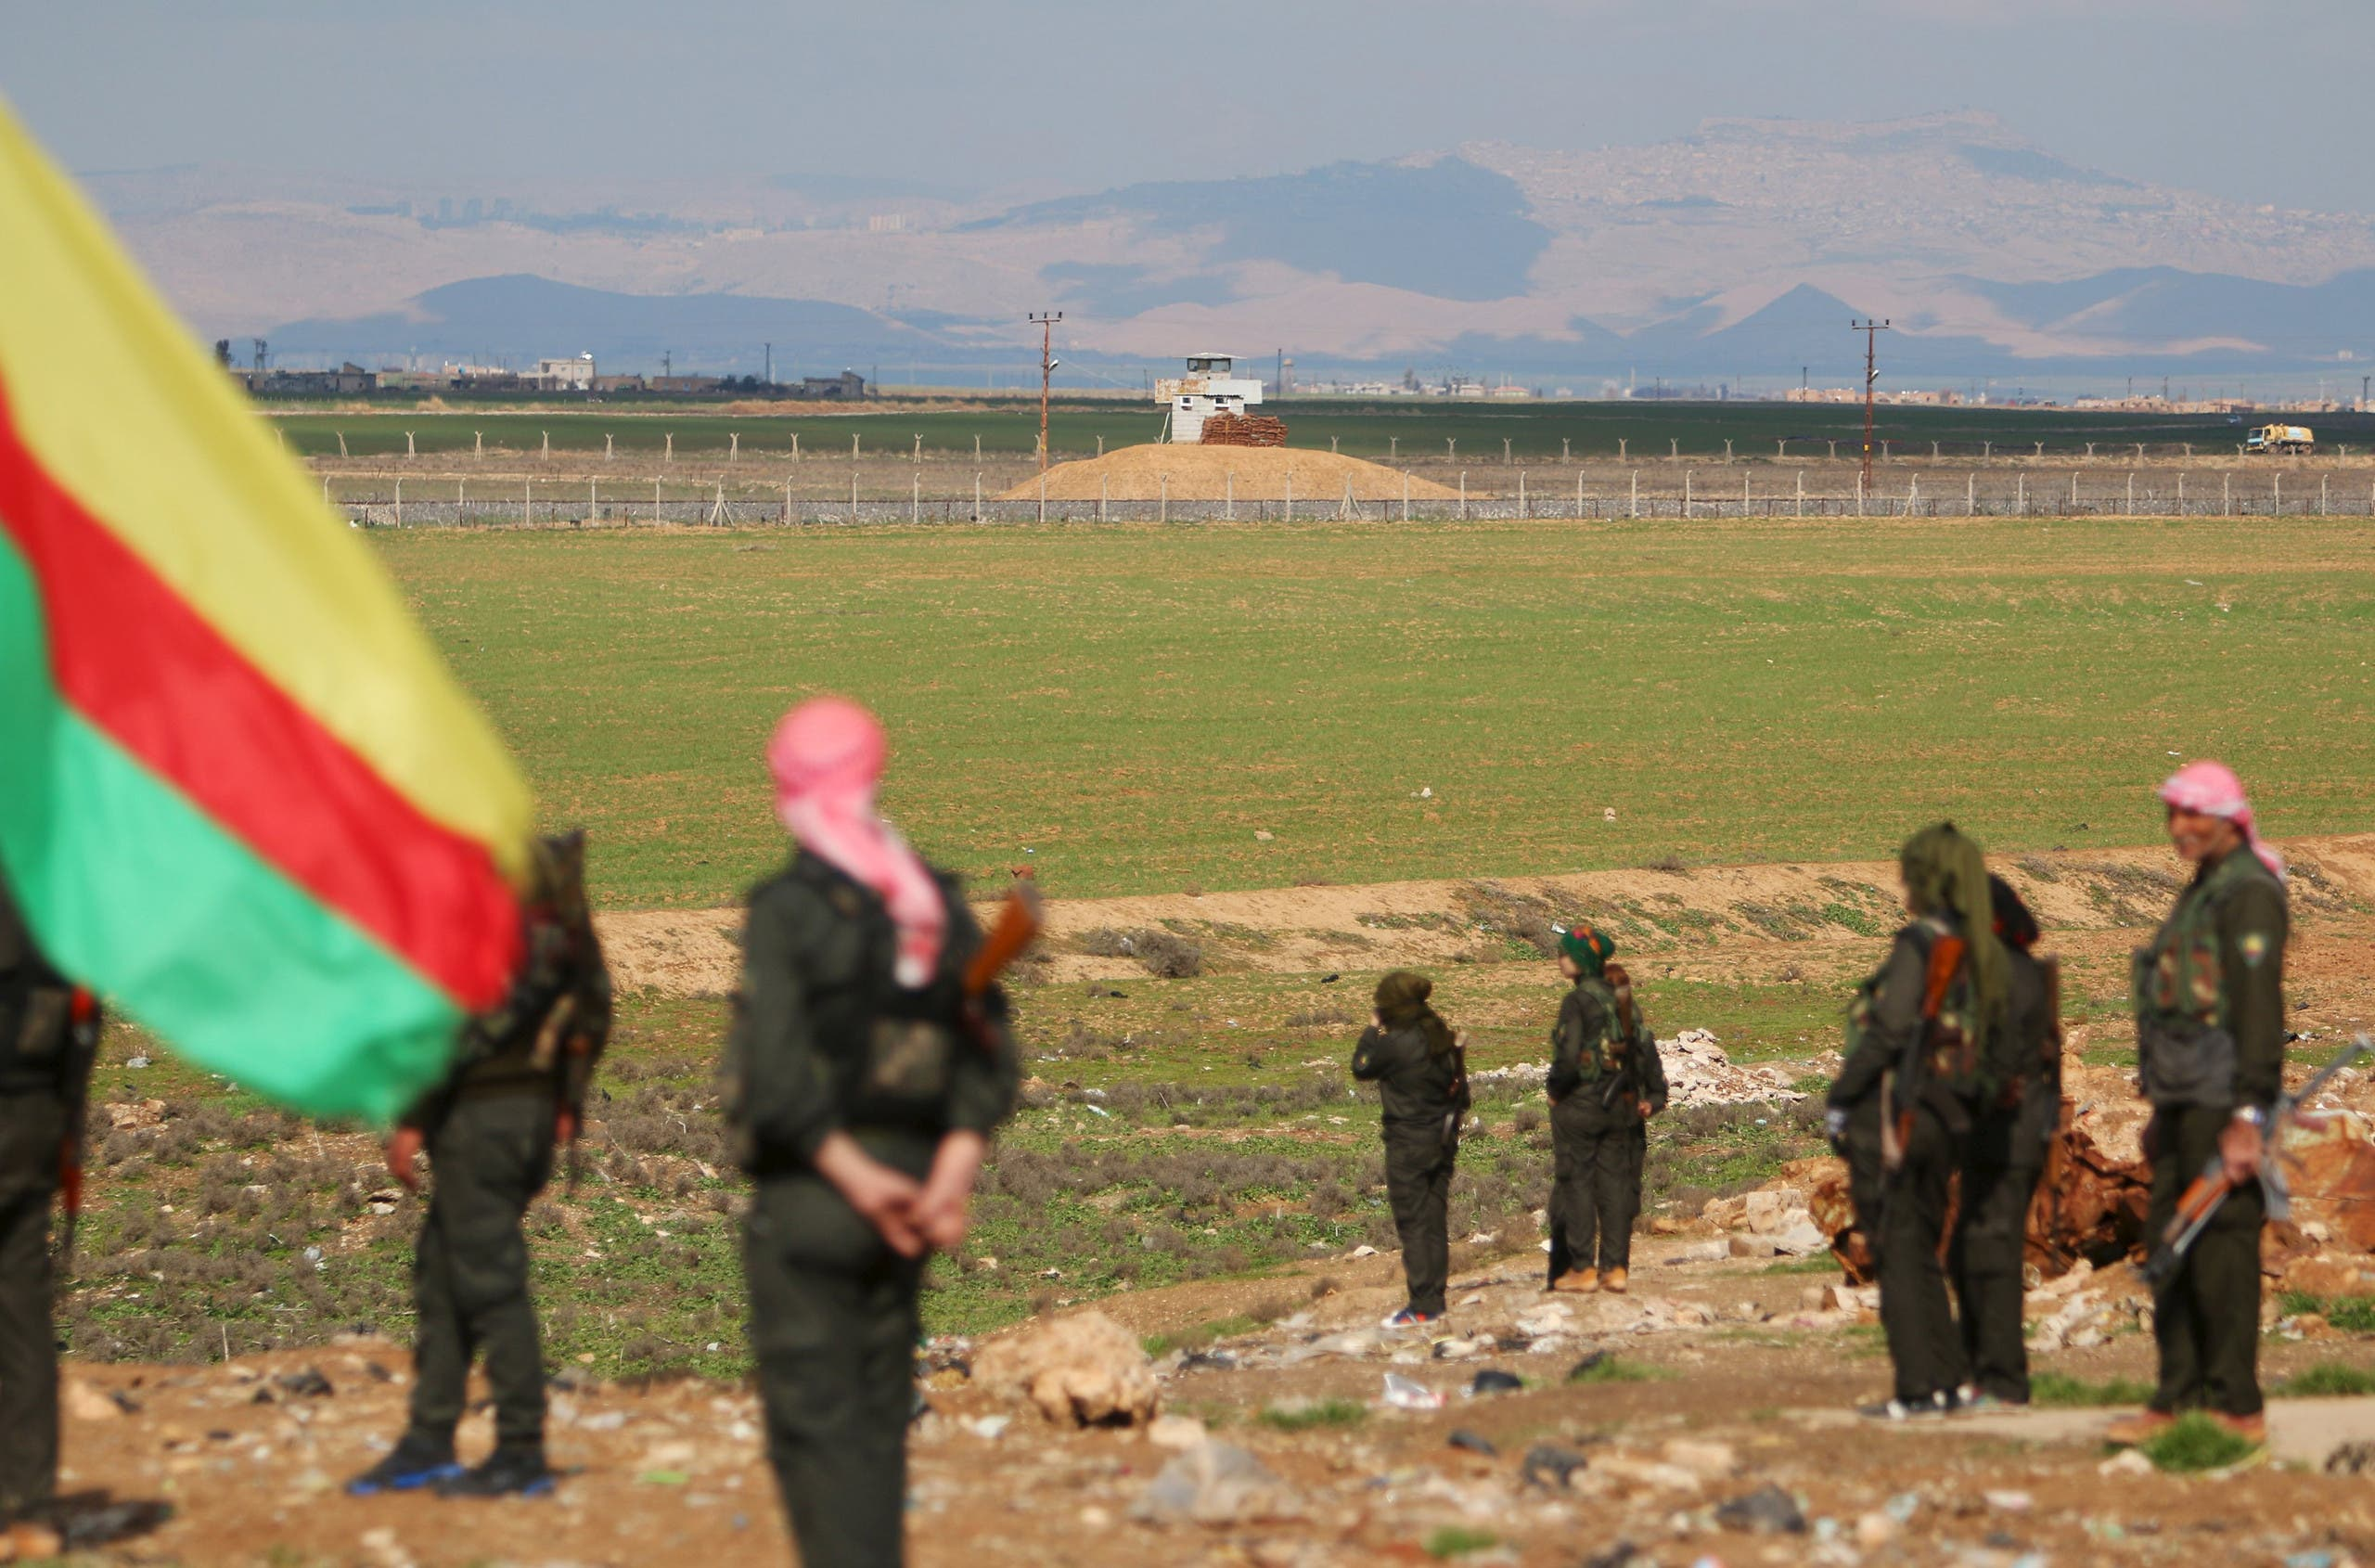 مسلحون أكراد بالقرب من الحدود التركية السورية